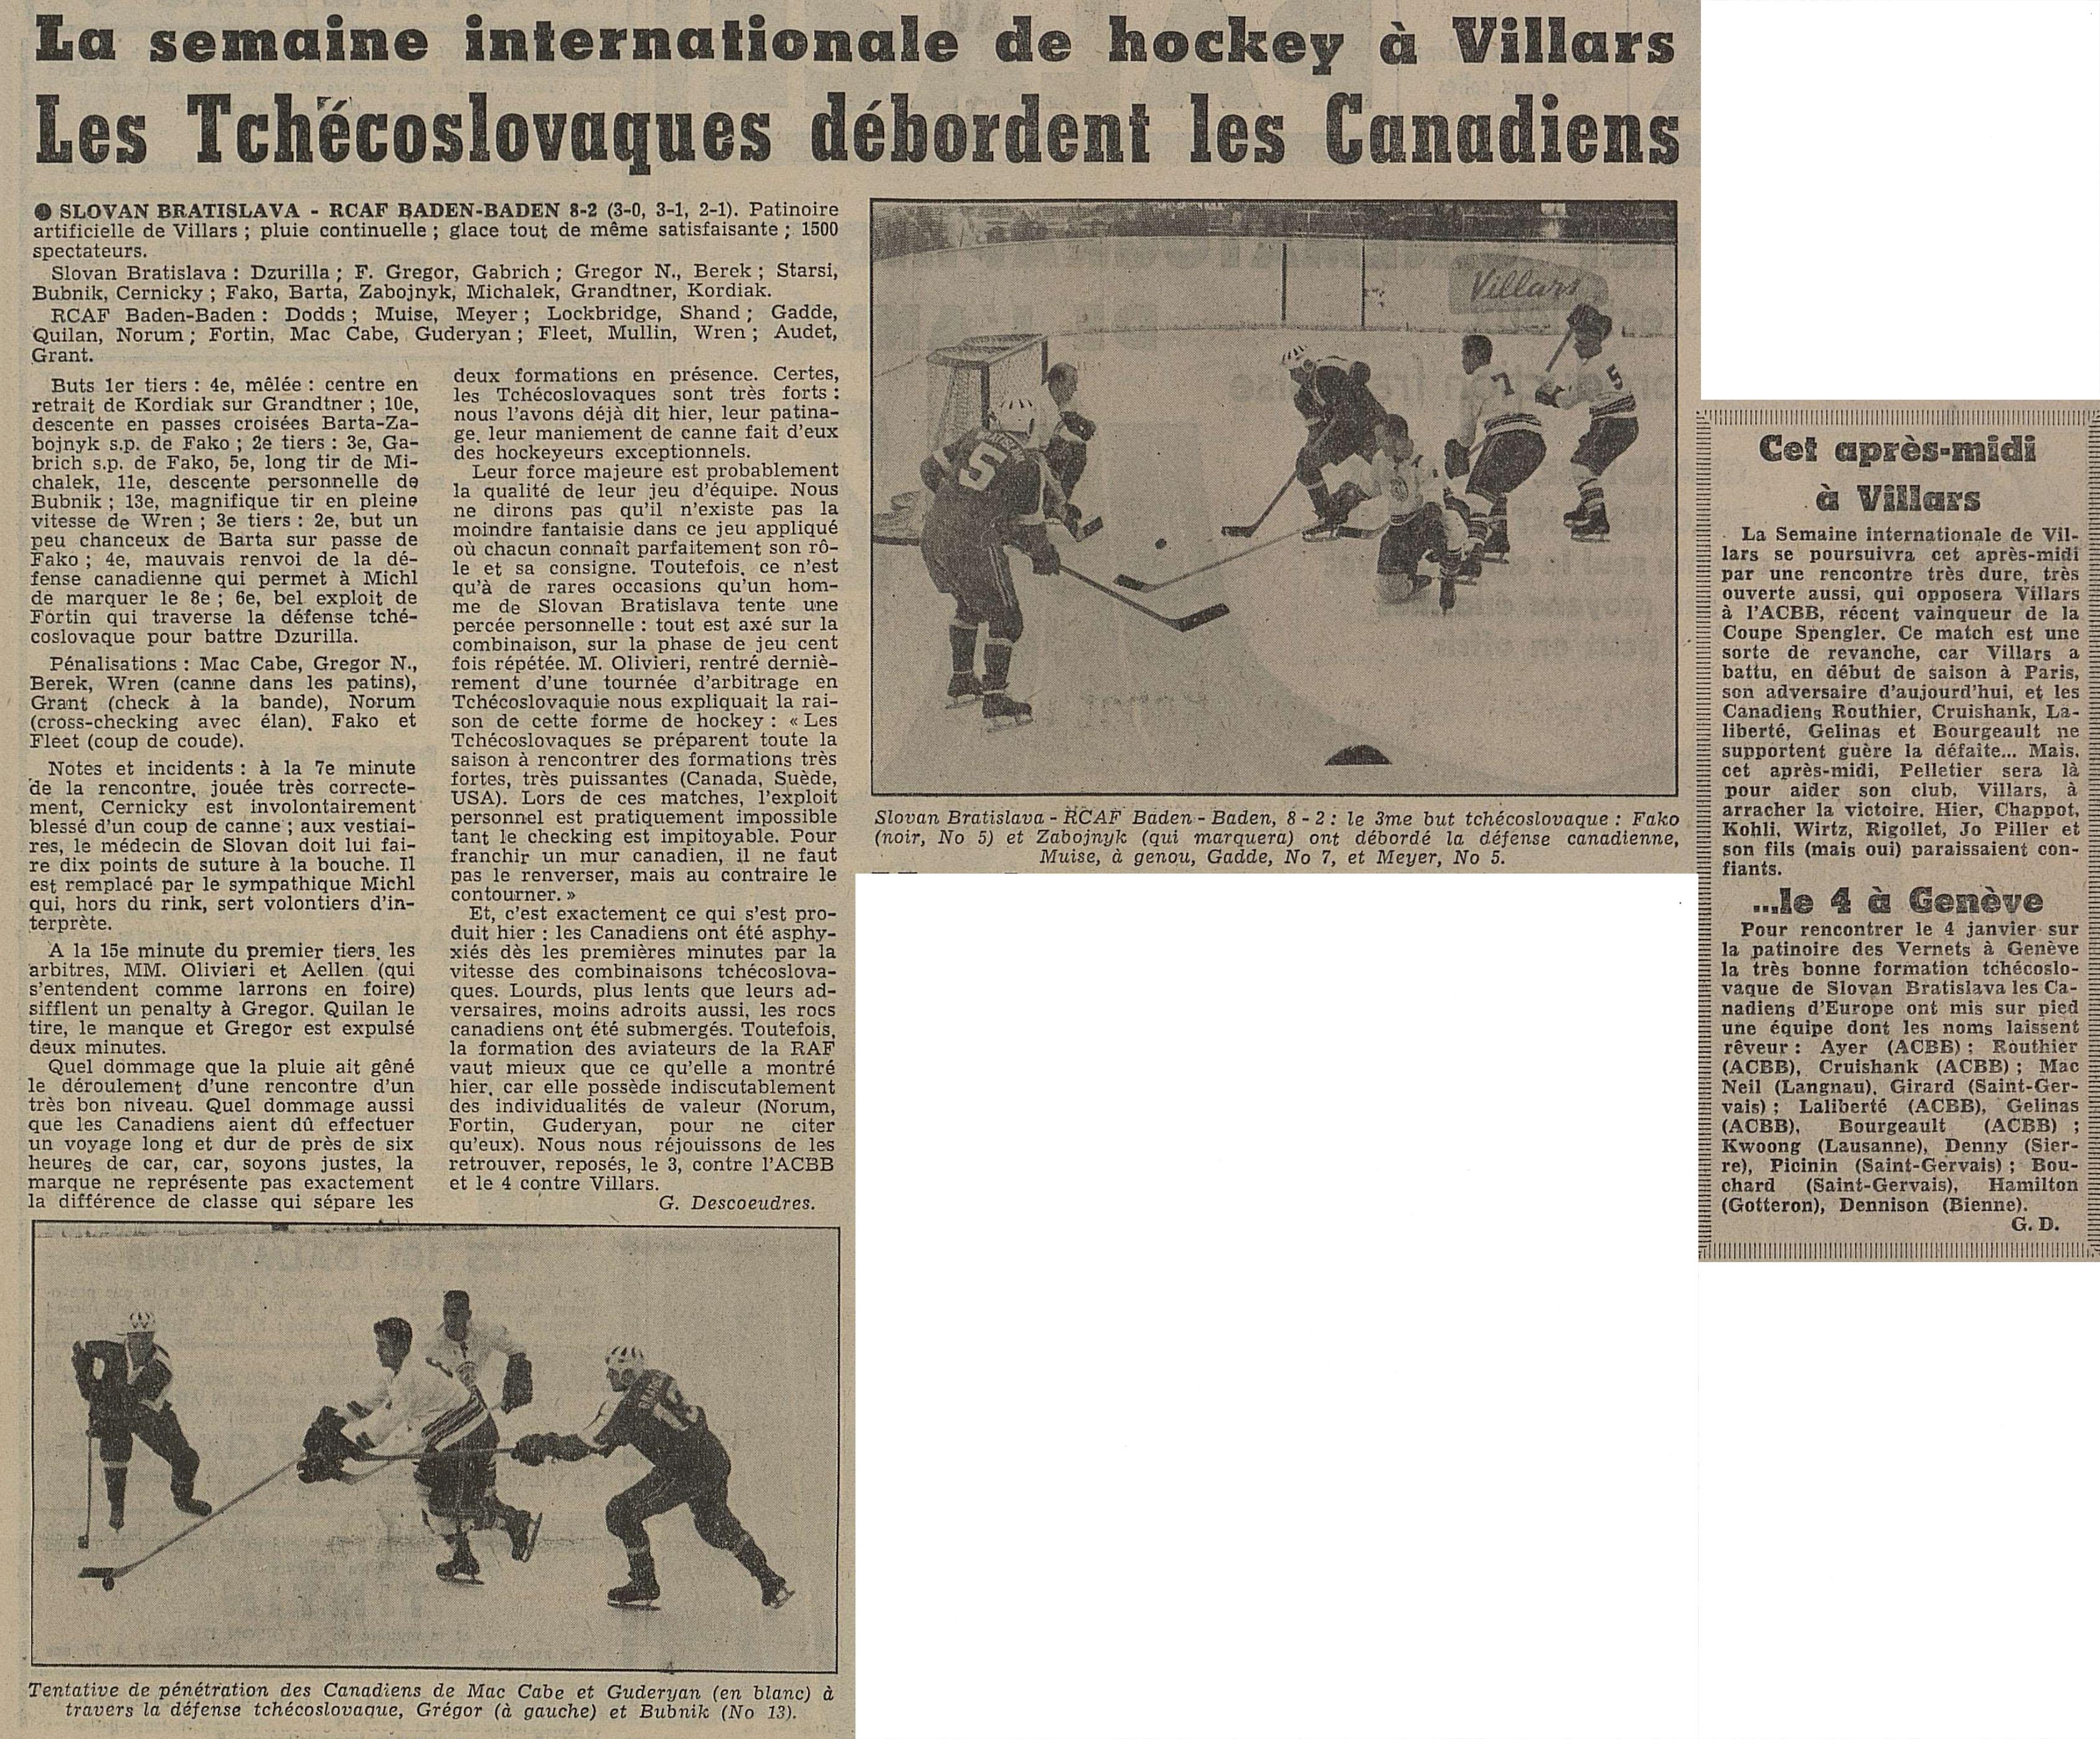 Le Matin - Tribune de Lausanne_19620102_v4cel5.jpg